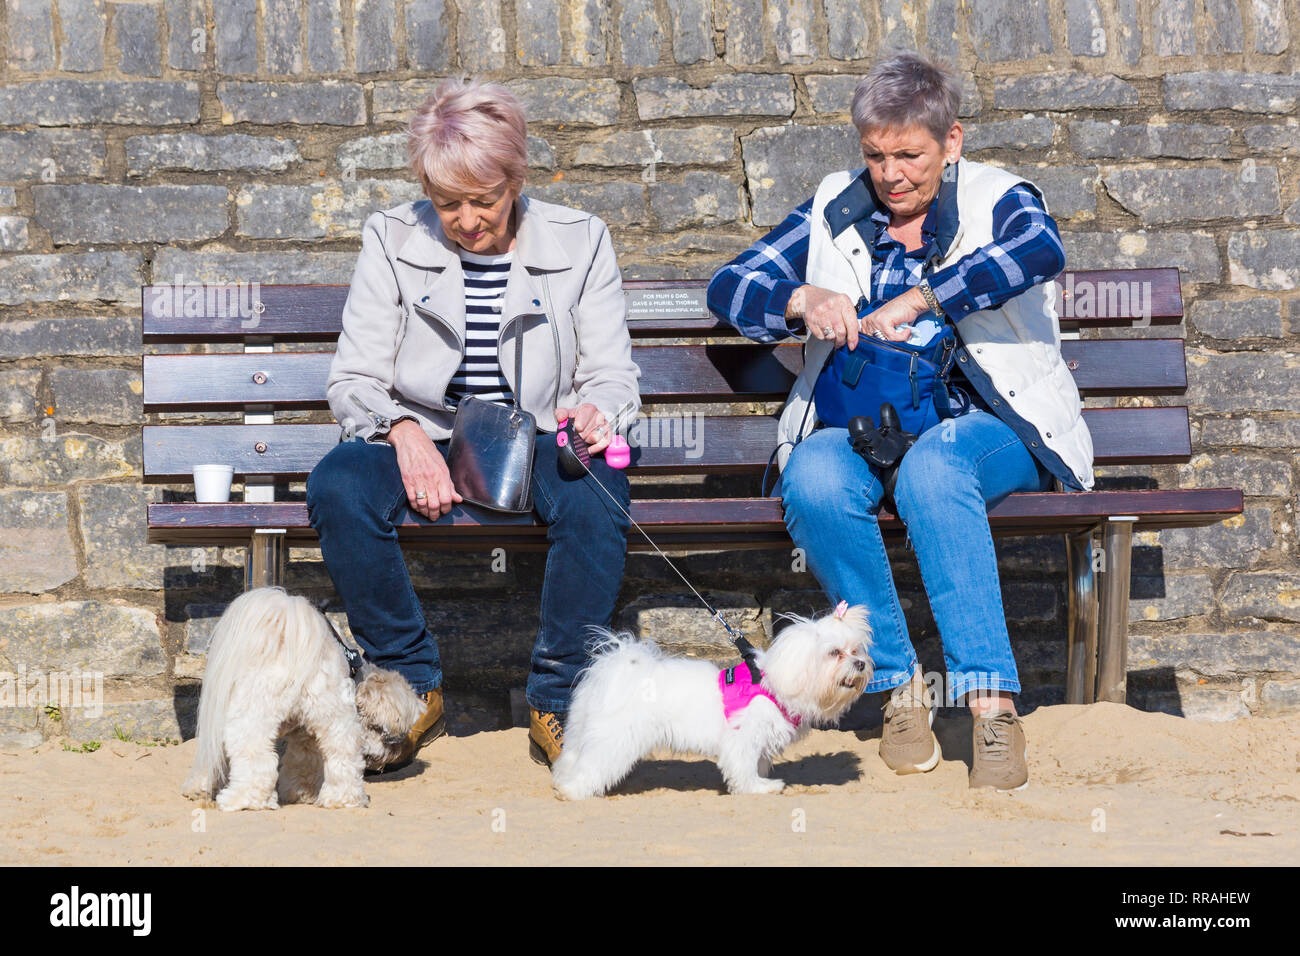 Bournemouth, Dorset, UK. Feb 25, 2019. Météo France: une autre belle chaude journée ensoleillée à Bournemouth comme visiteurs profiter du soleil à la plage sur la journée la plus chaude de l'année et les plus chaudes jamais jour de février. Deux femmes assises sur un banc de travail avec les chiens. Credit: Carolyn Jenkins/Alamy Live News Banque D'Images